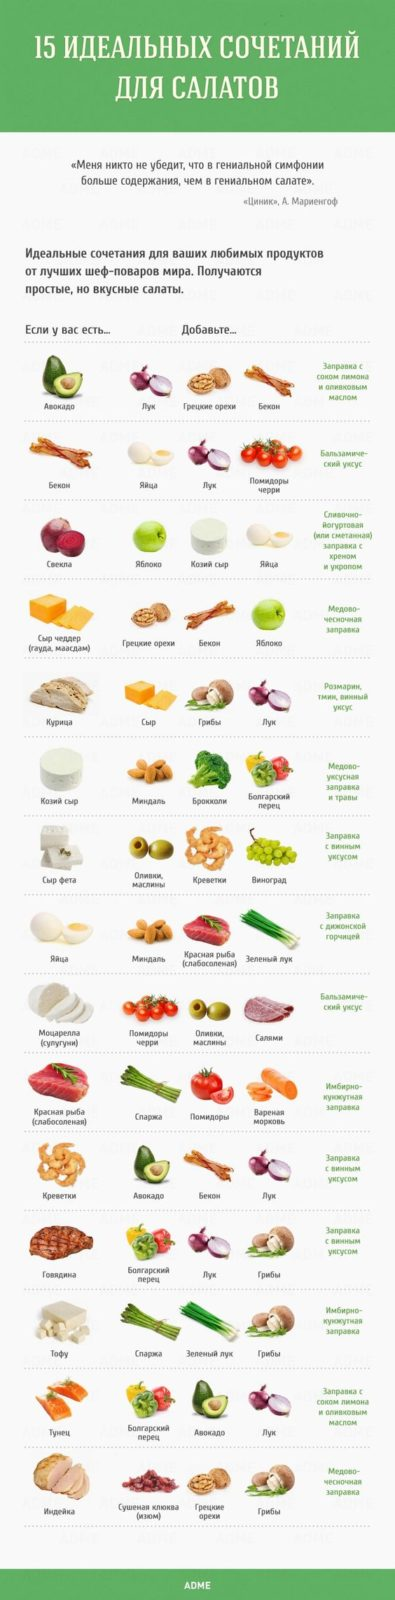 15 идеальный сочетаний для салатов